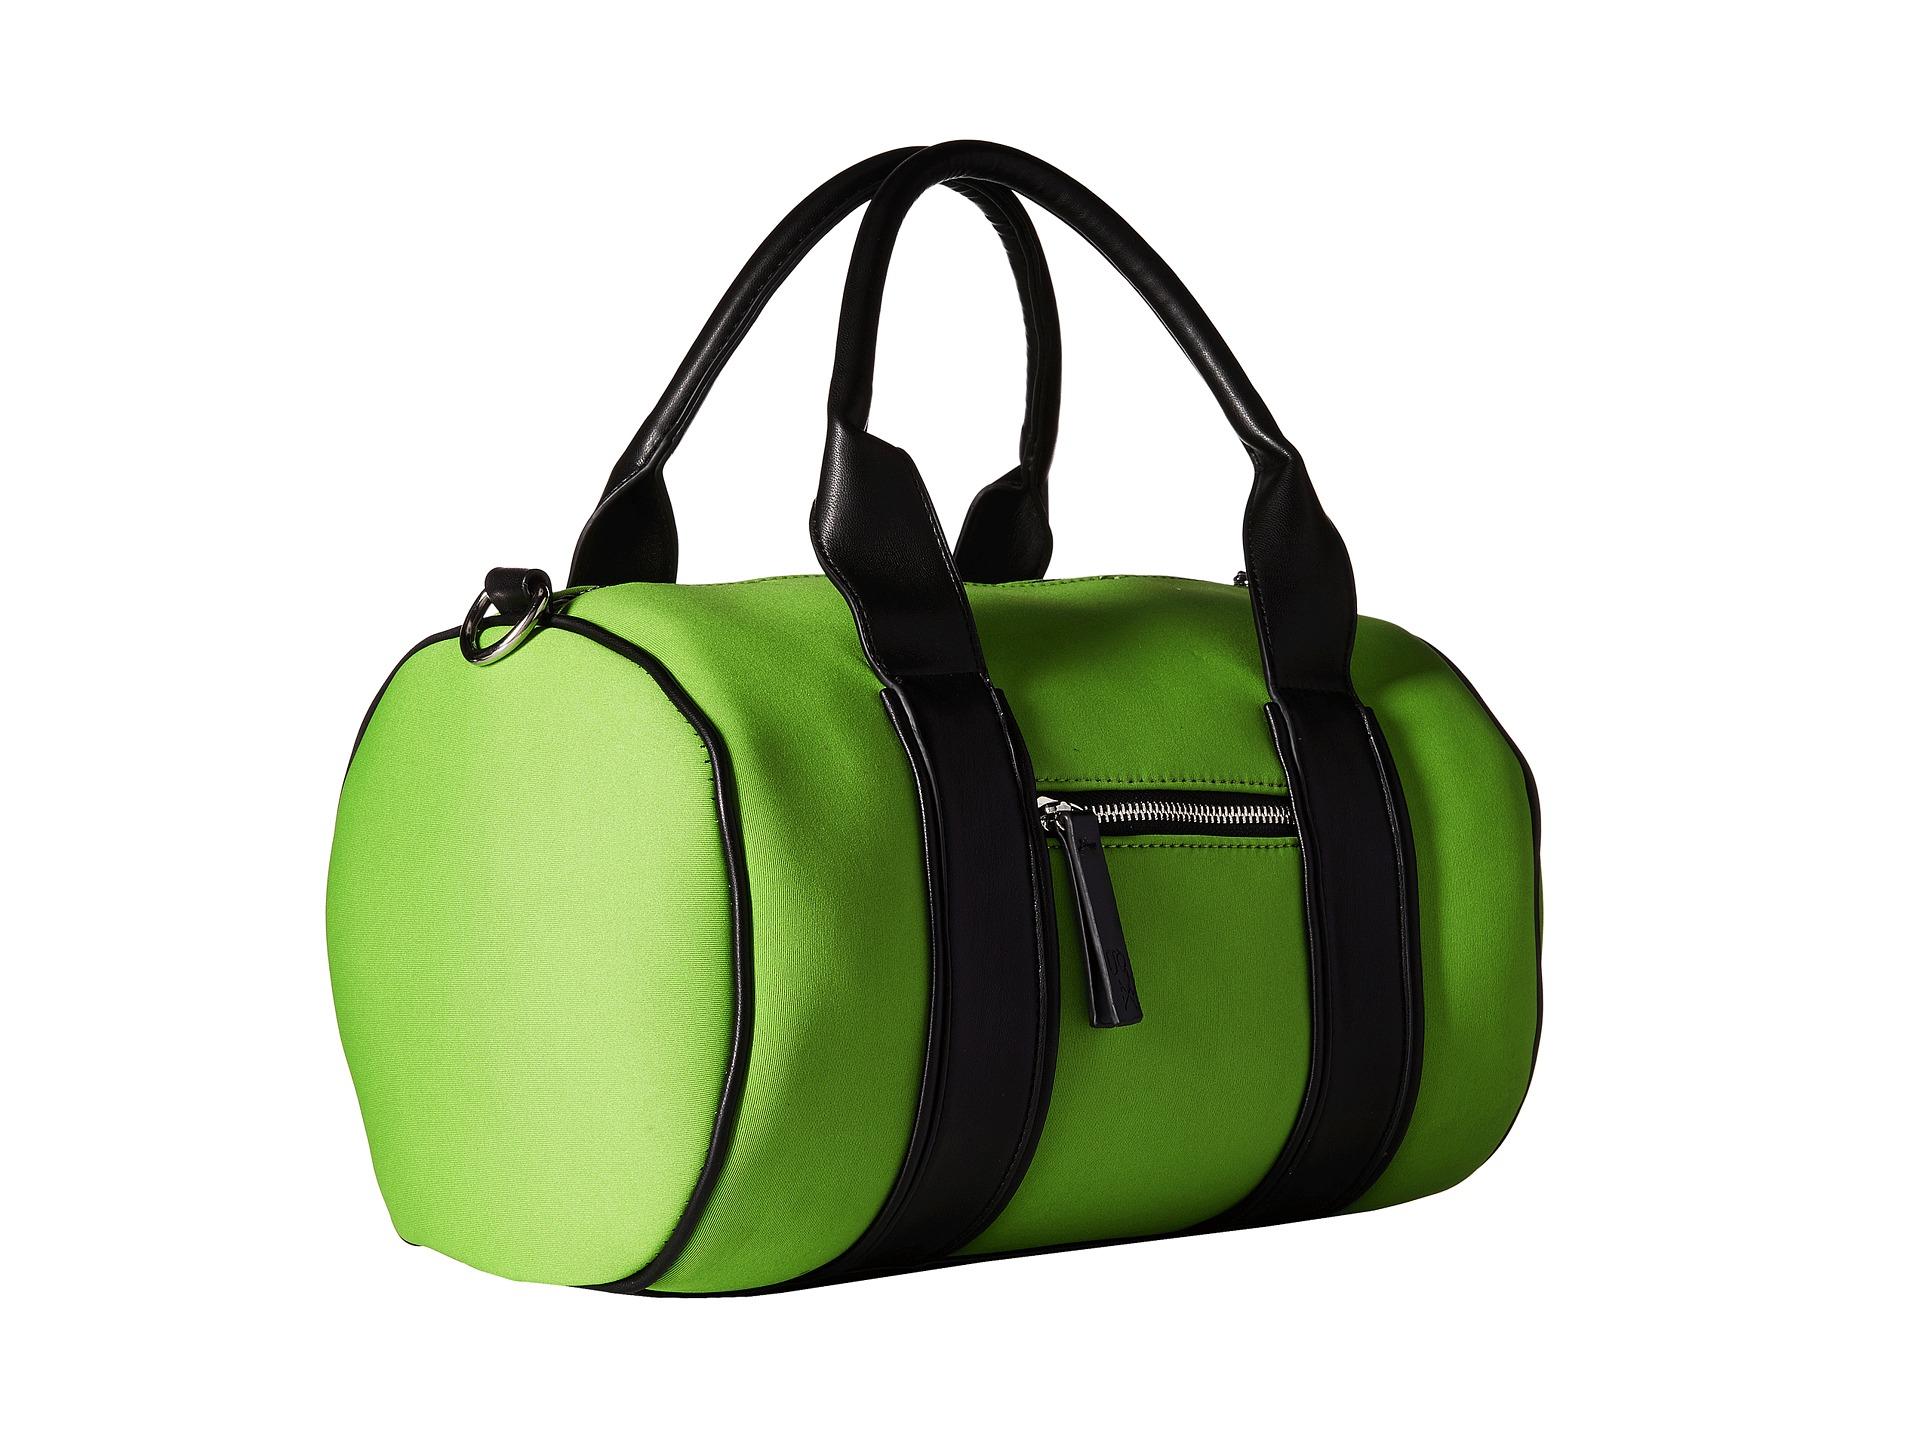 Amazon MX: Variedad de bolsos de marcas para dama desde $275. Ejemplo: bolsa para dama GX by Gwen Stefani color verde $300.